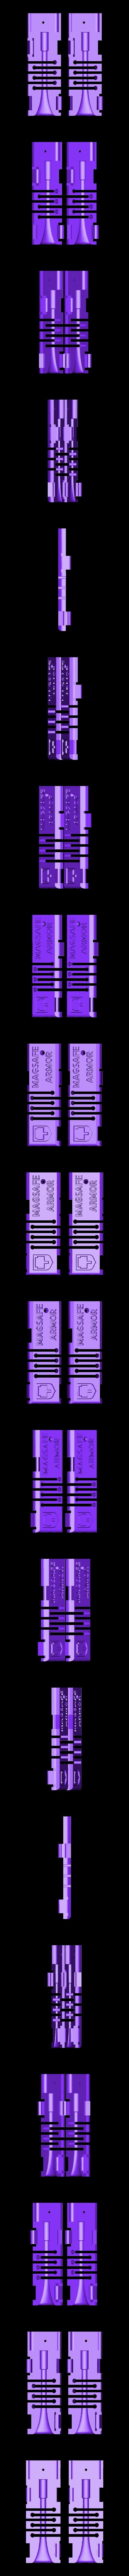 magsafe_armor.stl Télécharger fichier STL gratuit Armure Magsafe • Modèle pour impression 3D, Palemar